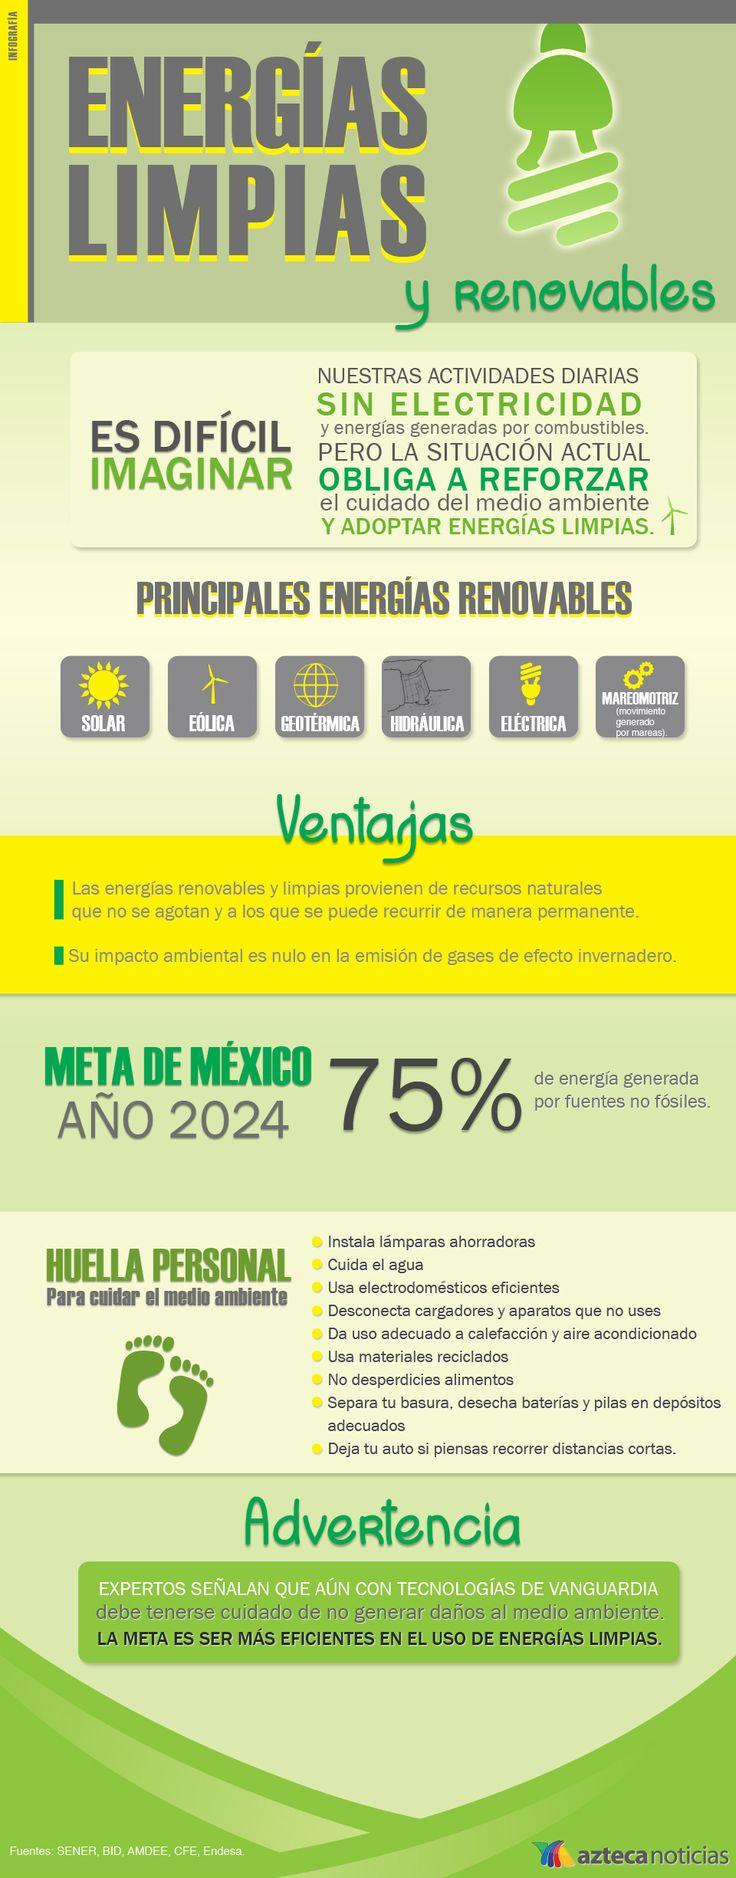 Resultado de imagen para energias limpias infografia